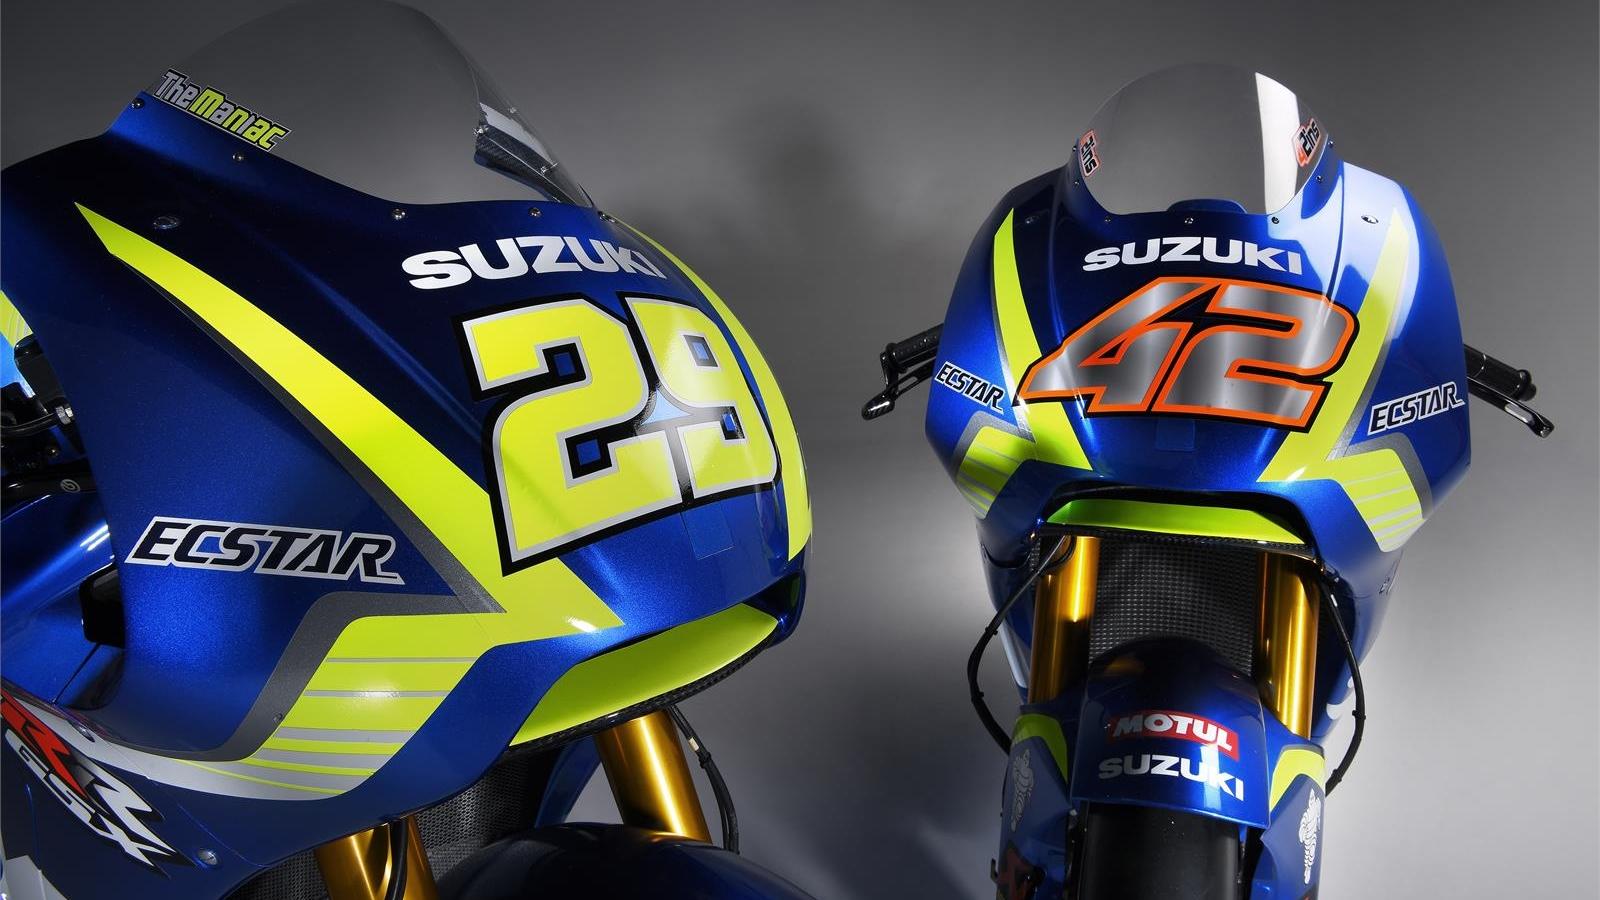 La nueva Suzuki GSX-RR para MotoGP 2017, al detalle en vídeo